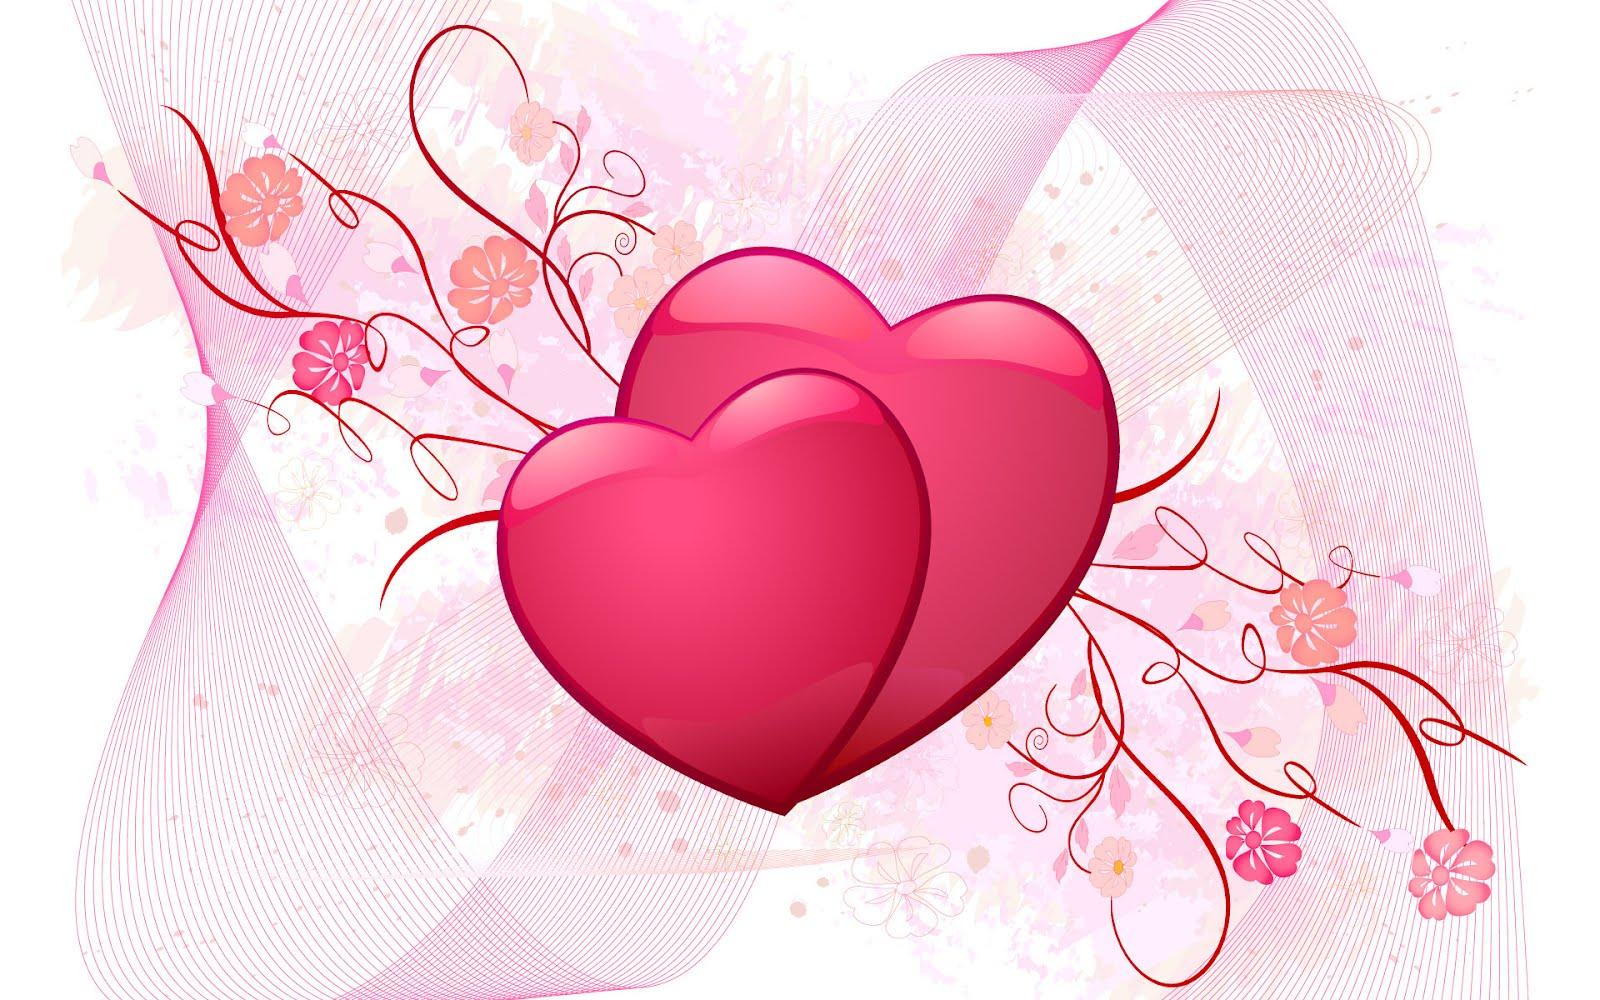 http://1.bp.blogspot.com/-weU5PVSNrSc/UEIJ3G_01sI/AAAAAAAAAEE/Fk2az5eft3s/s1600/Love-wallpaper-love-4187609-1920-1200.jpg